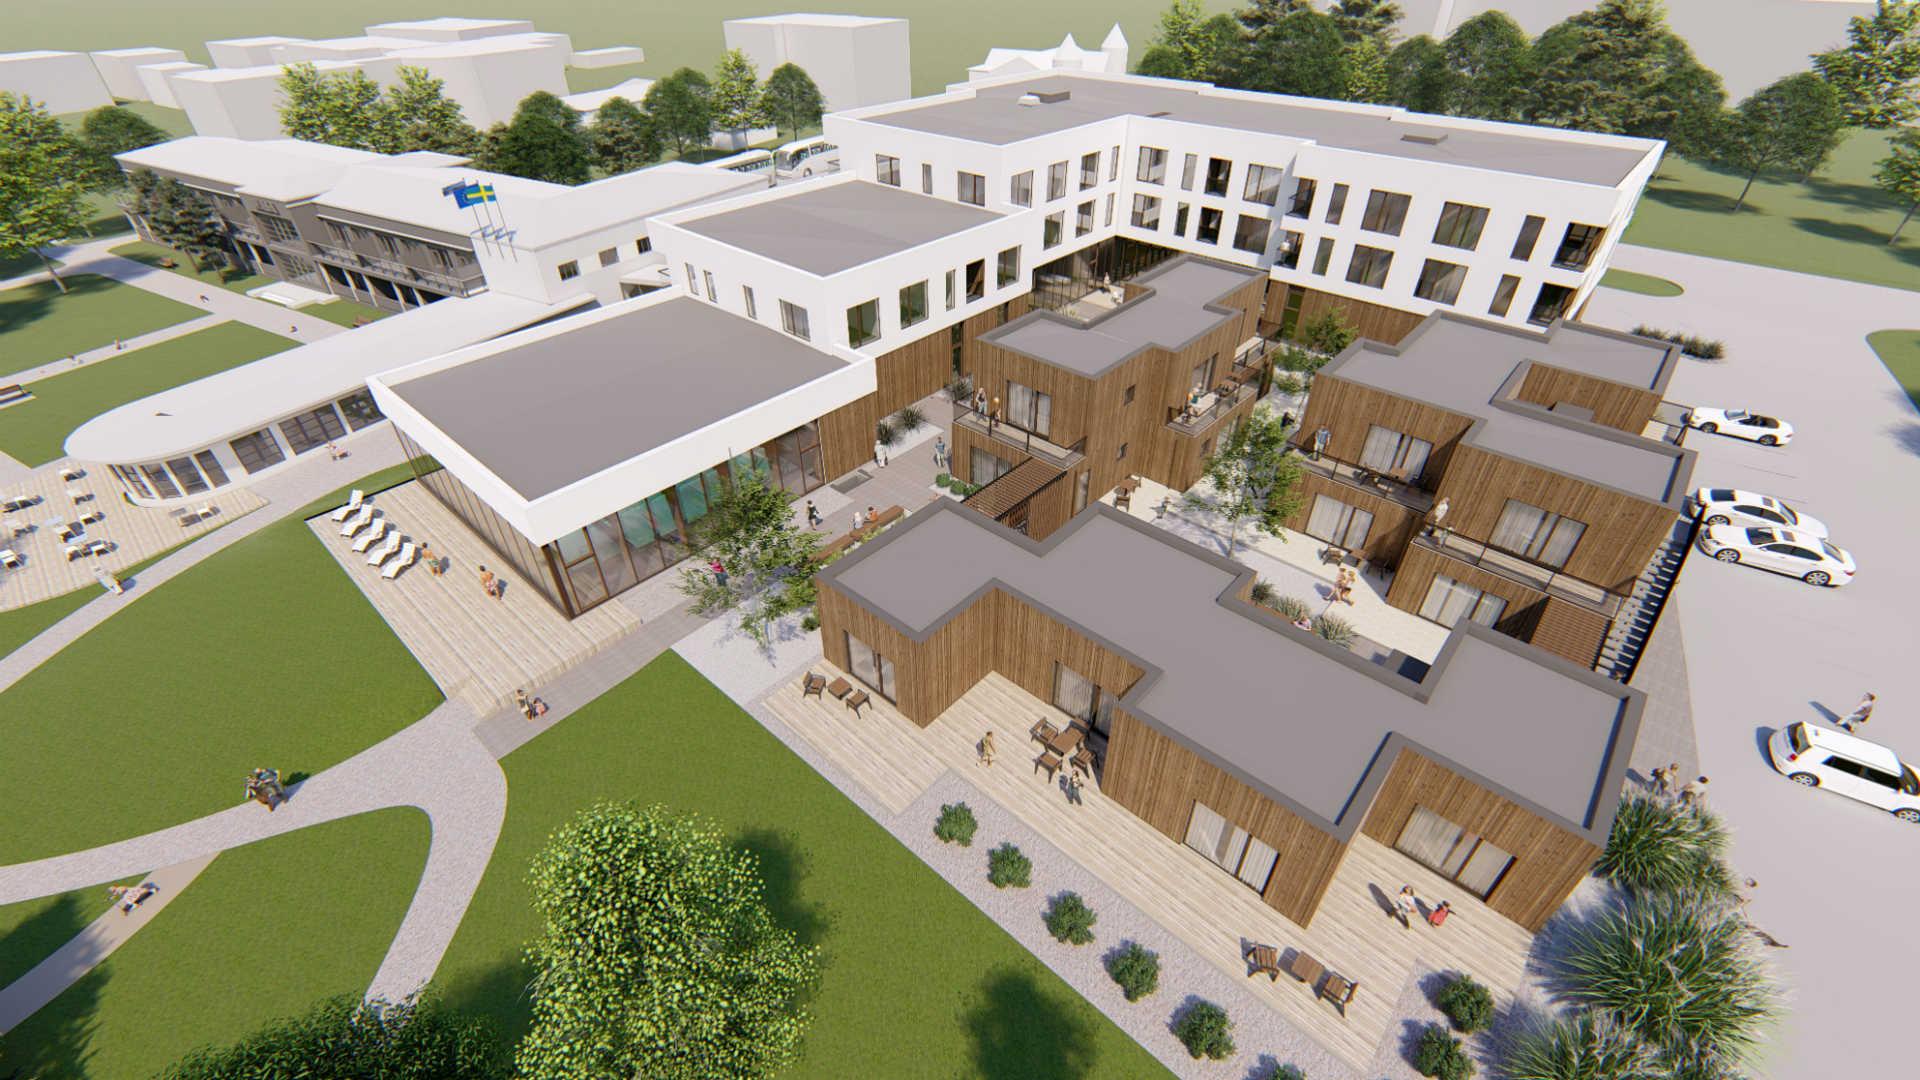 Wasa Resort uus spaahotell Pärnus